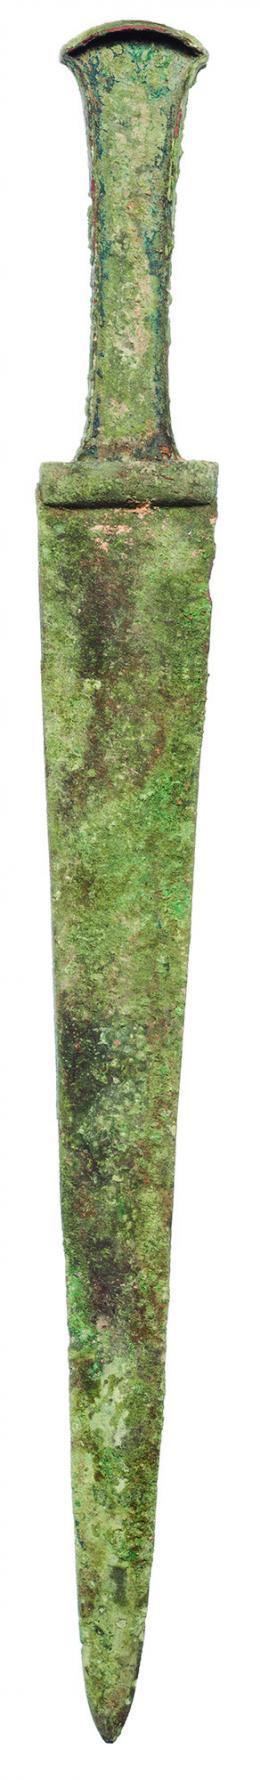 2006  -  PRÓXIMO ORIENTE. IRÁN. Edad del Hierro. Espada (estilo cultura Hasanlu IV) (1250-800 a.C.). Bronce. Longitud 39,5 cm.